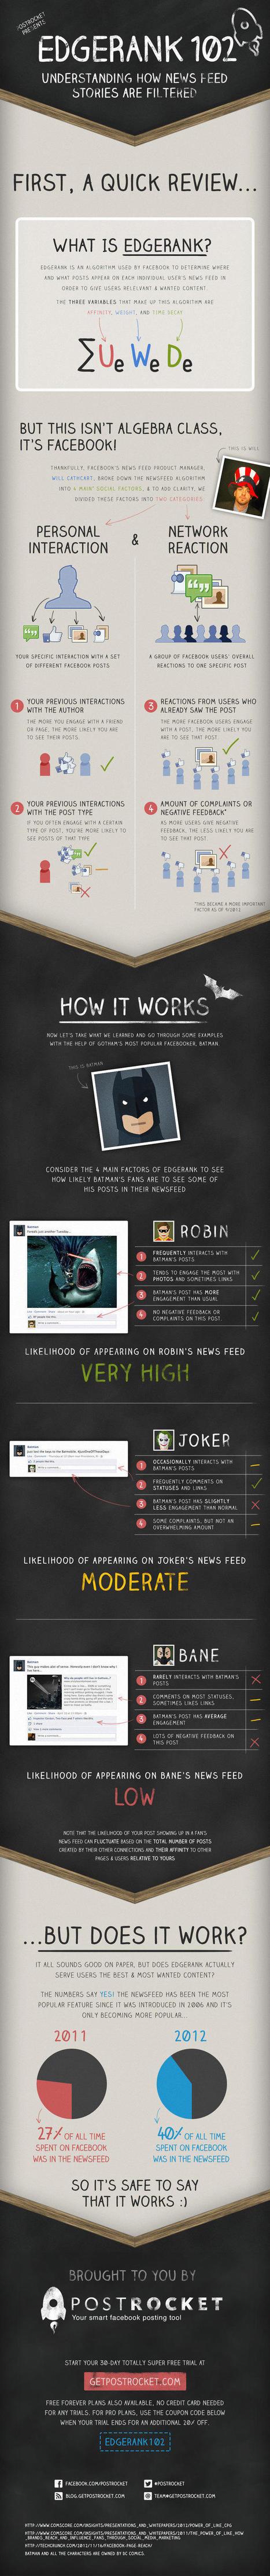 Les critères de filtrage de l'Edgerank de Facebook | Social Media Curation par Mon Habitat Web | Scoop.it